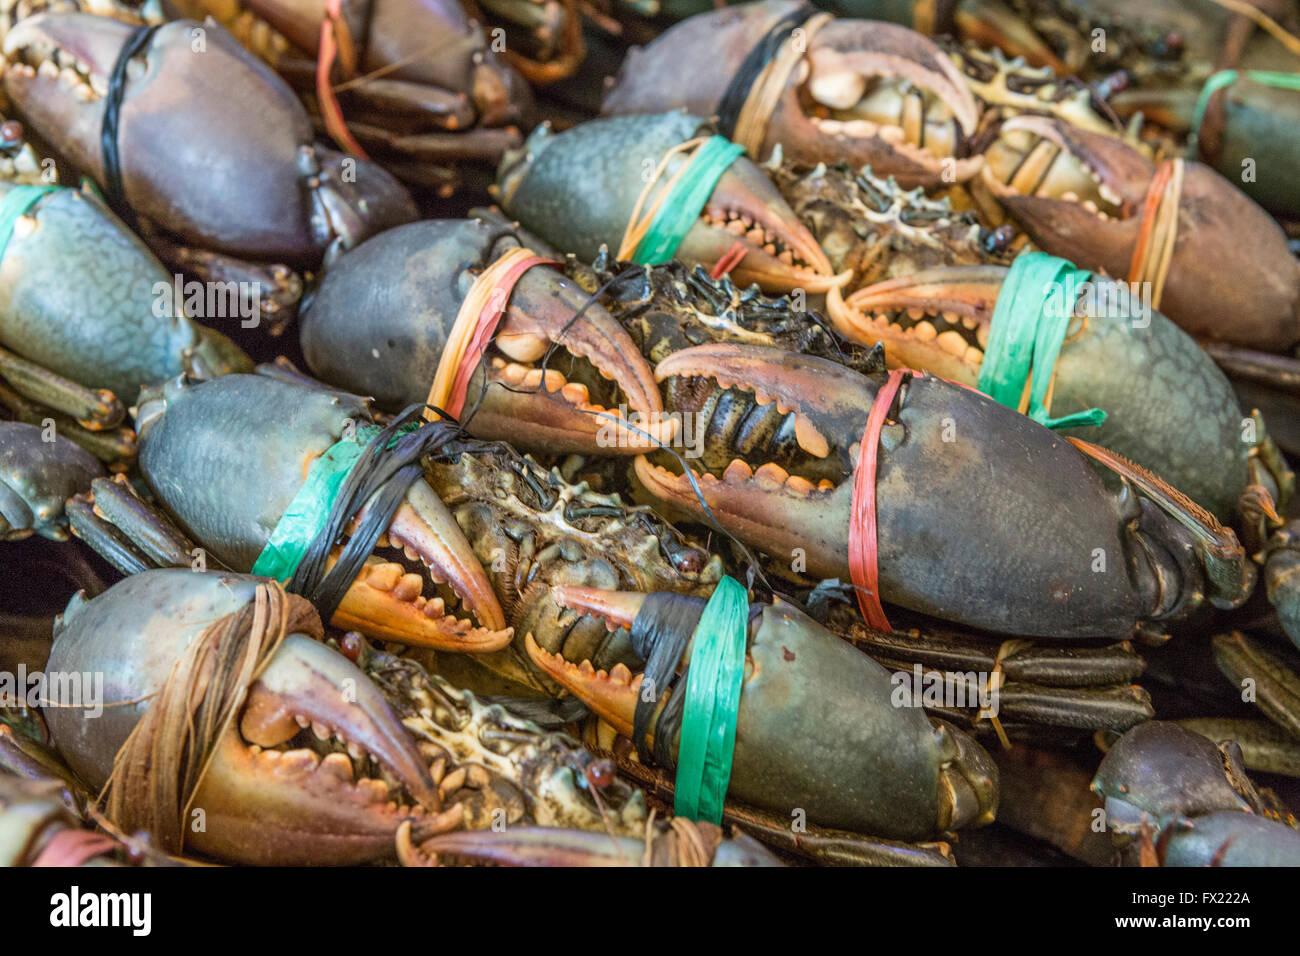 Como Cocinar Cangrejos De Mar | Los Cangrejos De Mar Atadas Con Cuerdas De Plastico En Una Bandeja